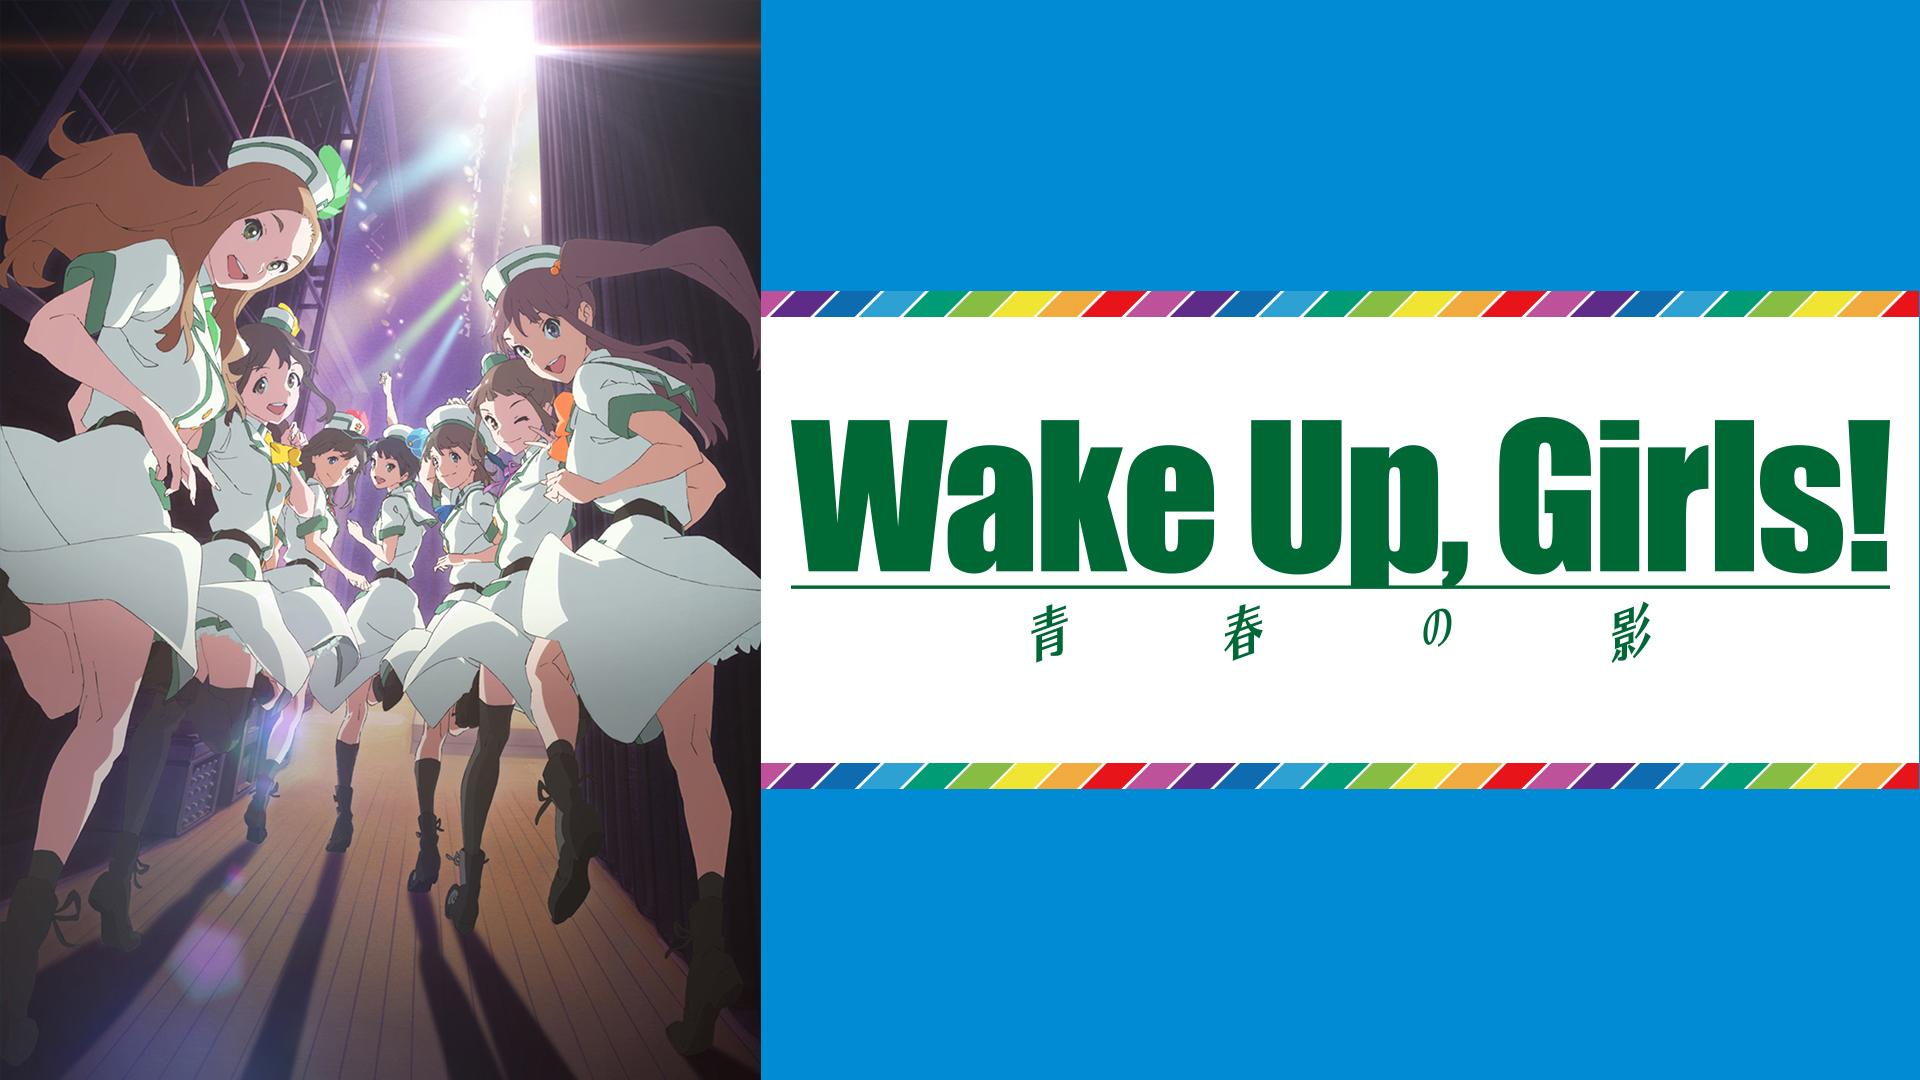 続・劇場版 前篇 「Wake Up, Girls! 青春の影」(dアニメストア)